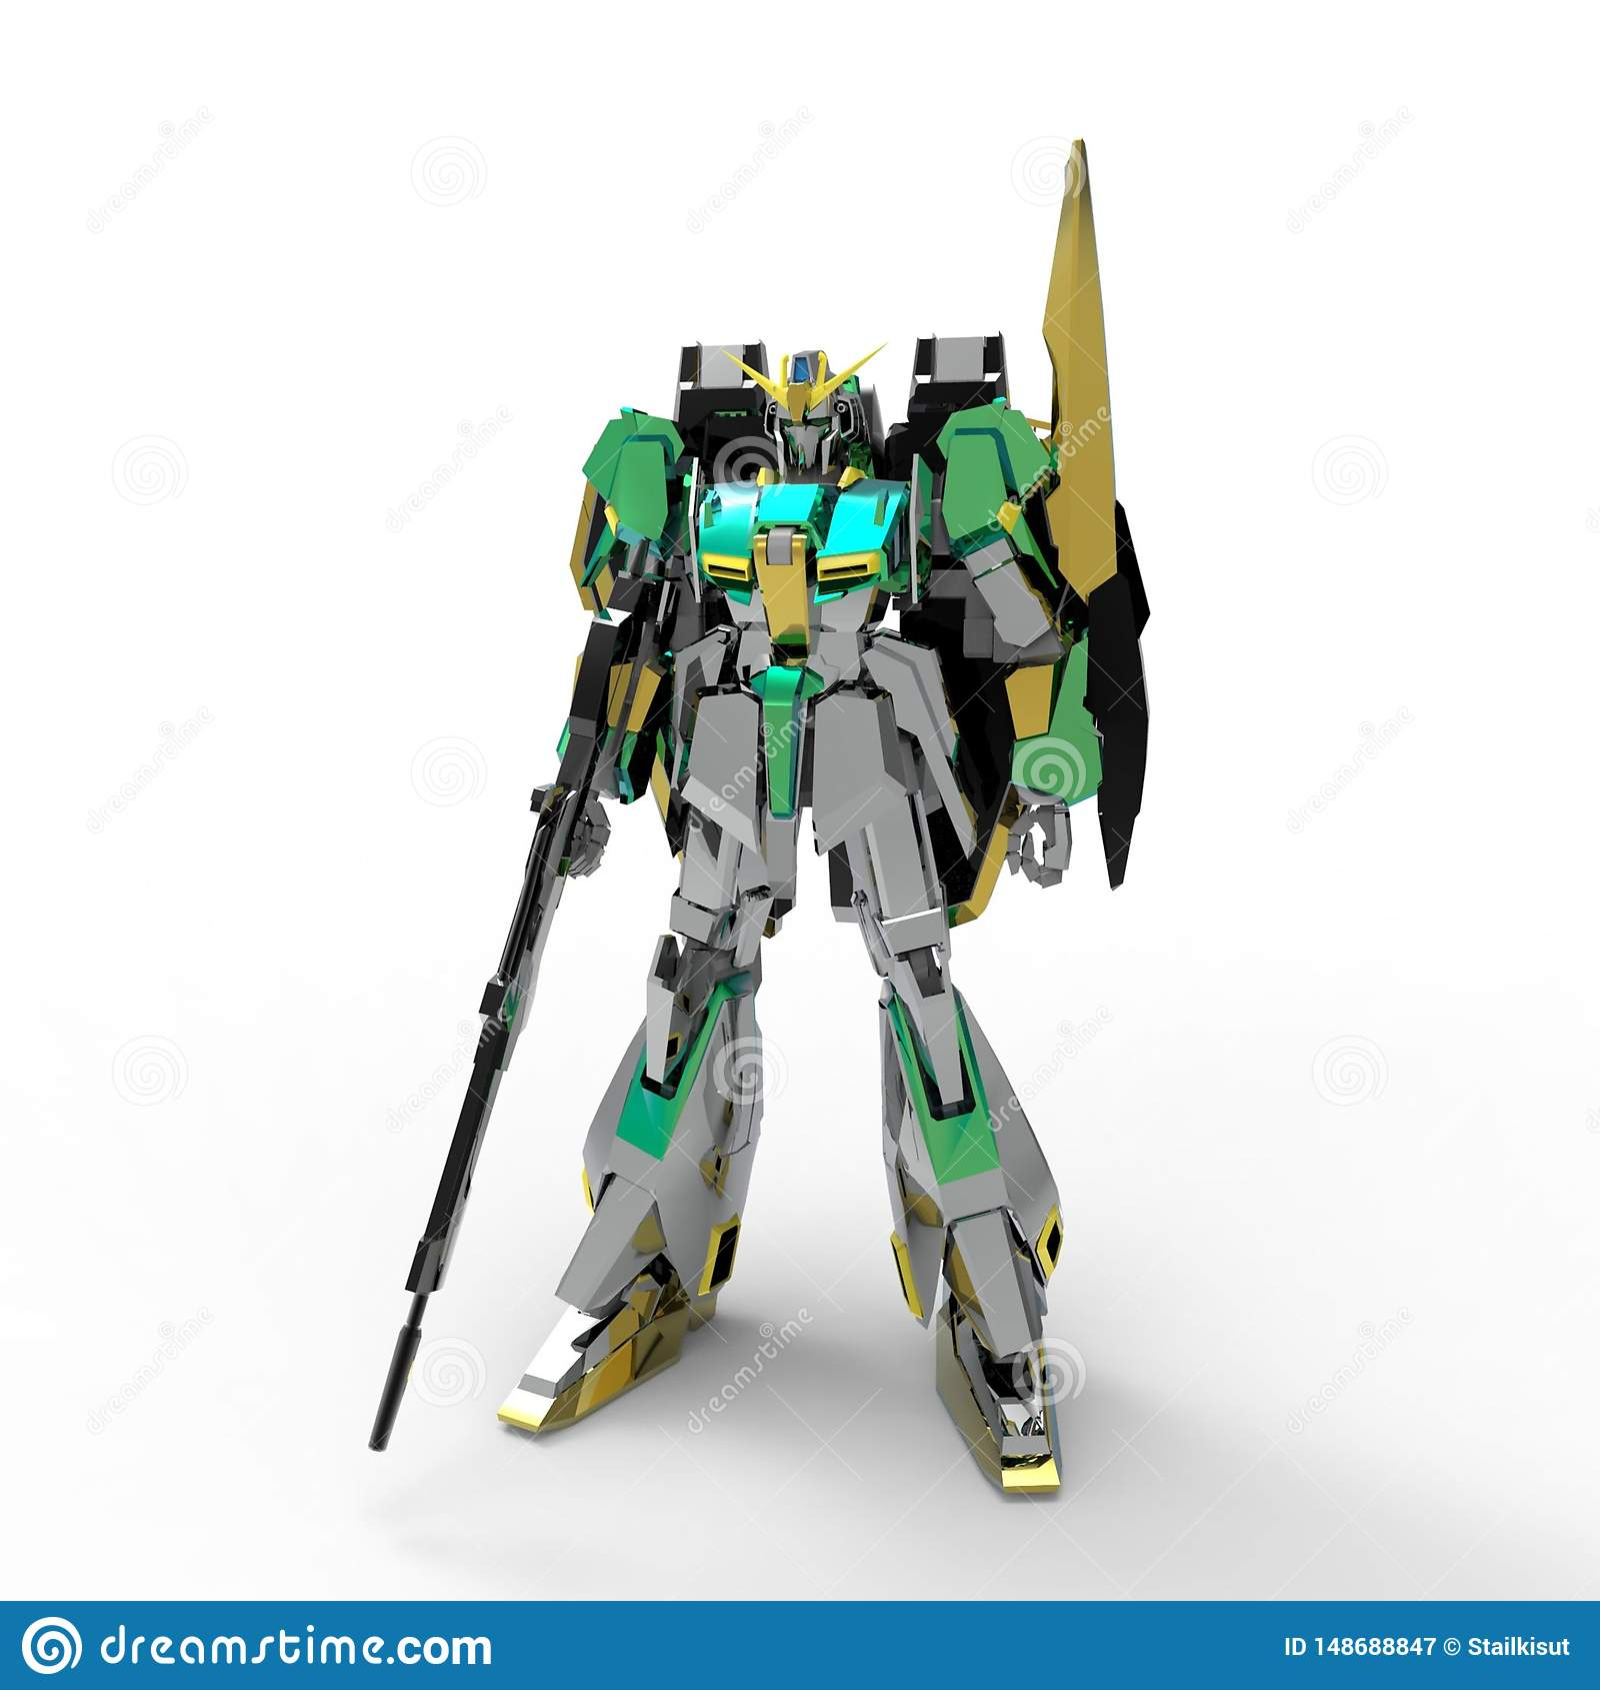 Mech militair sc.i-FI die zich op een witte achtergrond bevinden Militaire futuristische robot met een groen en grijs kleurenmeta